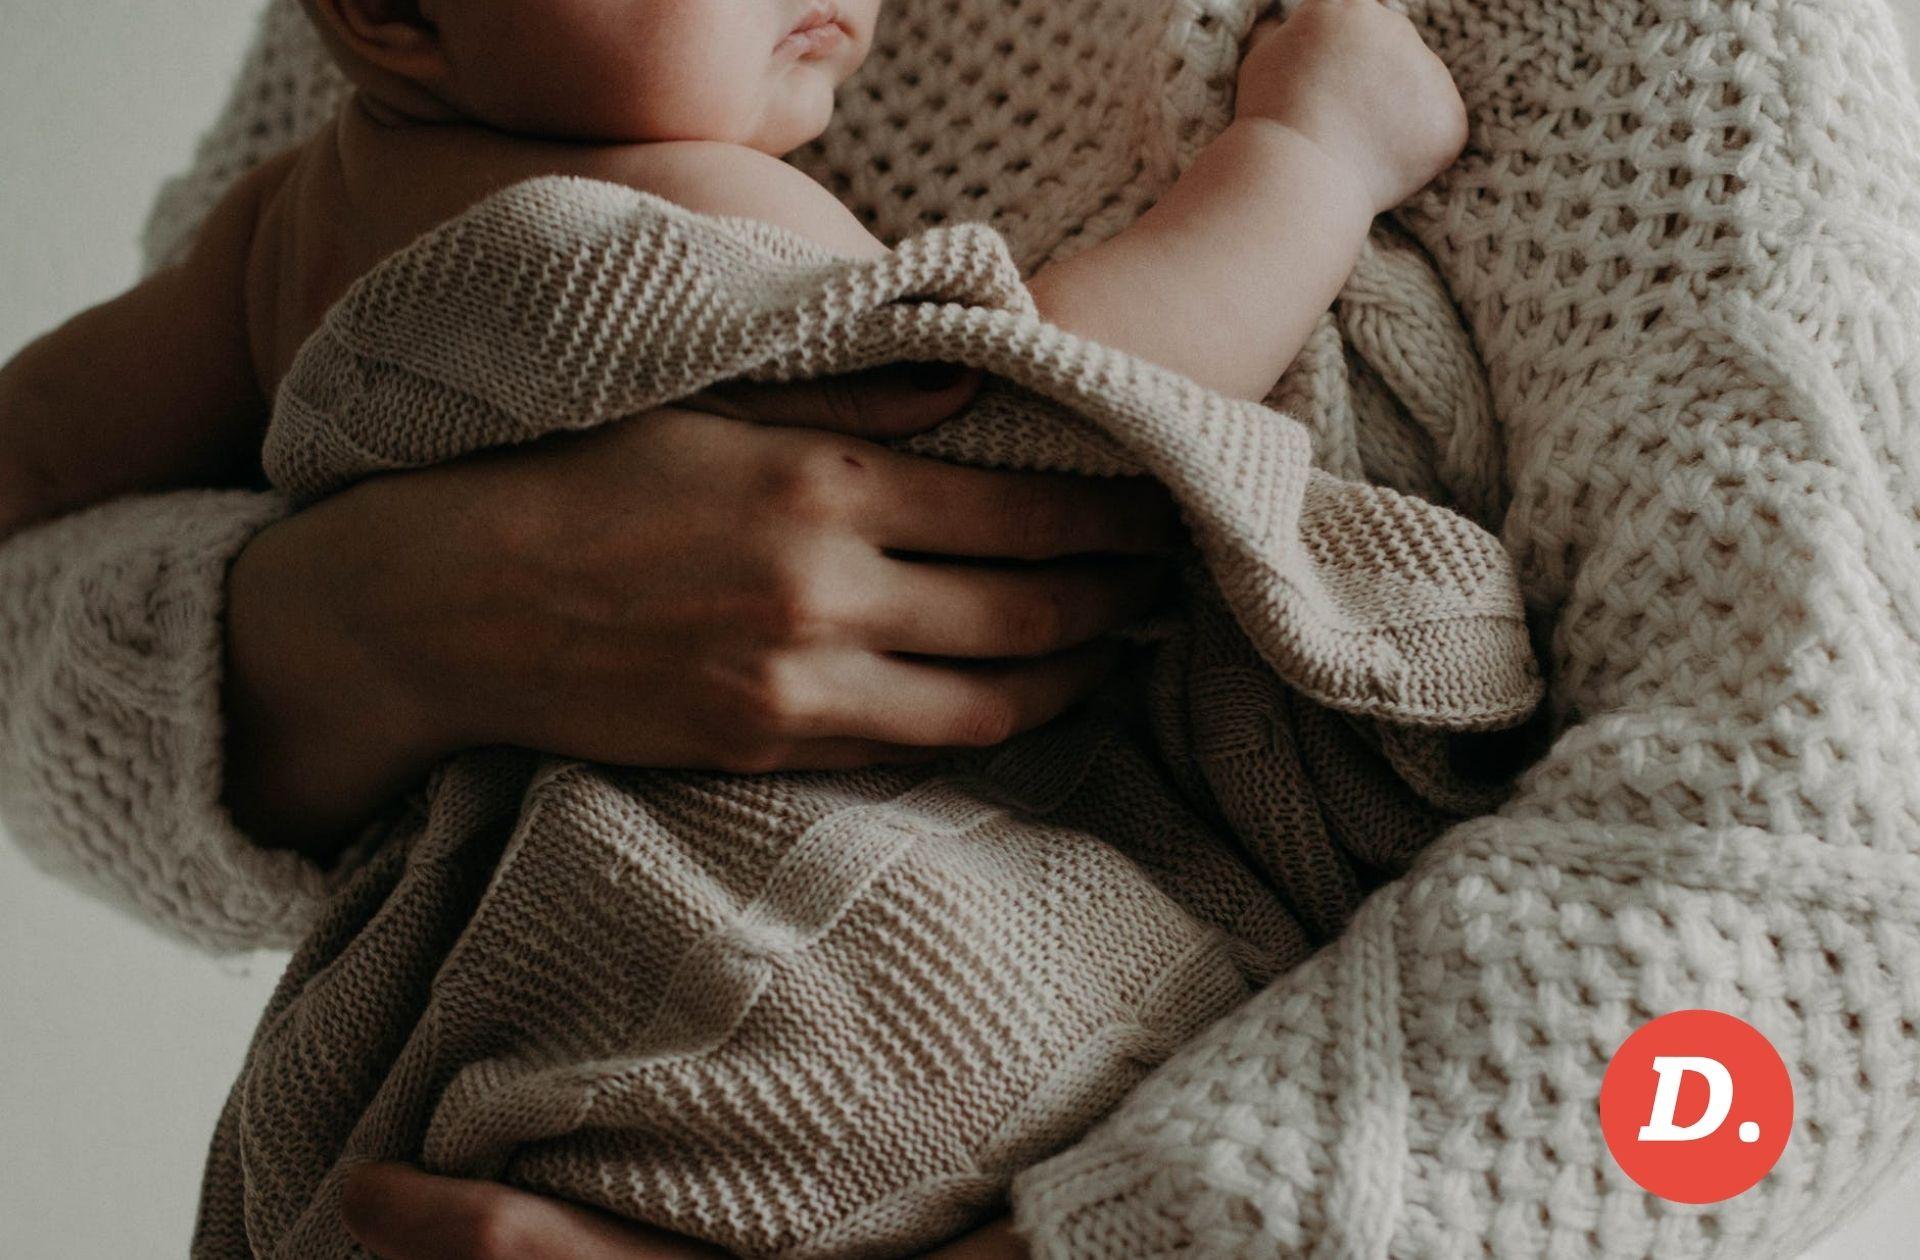 Pourquoi il ne faut pas chercher à oublier les pires moments de la maternité, selon la militante Illana Weizman